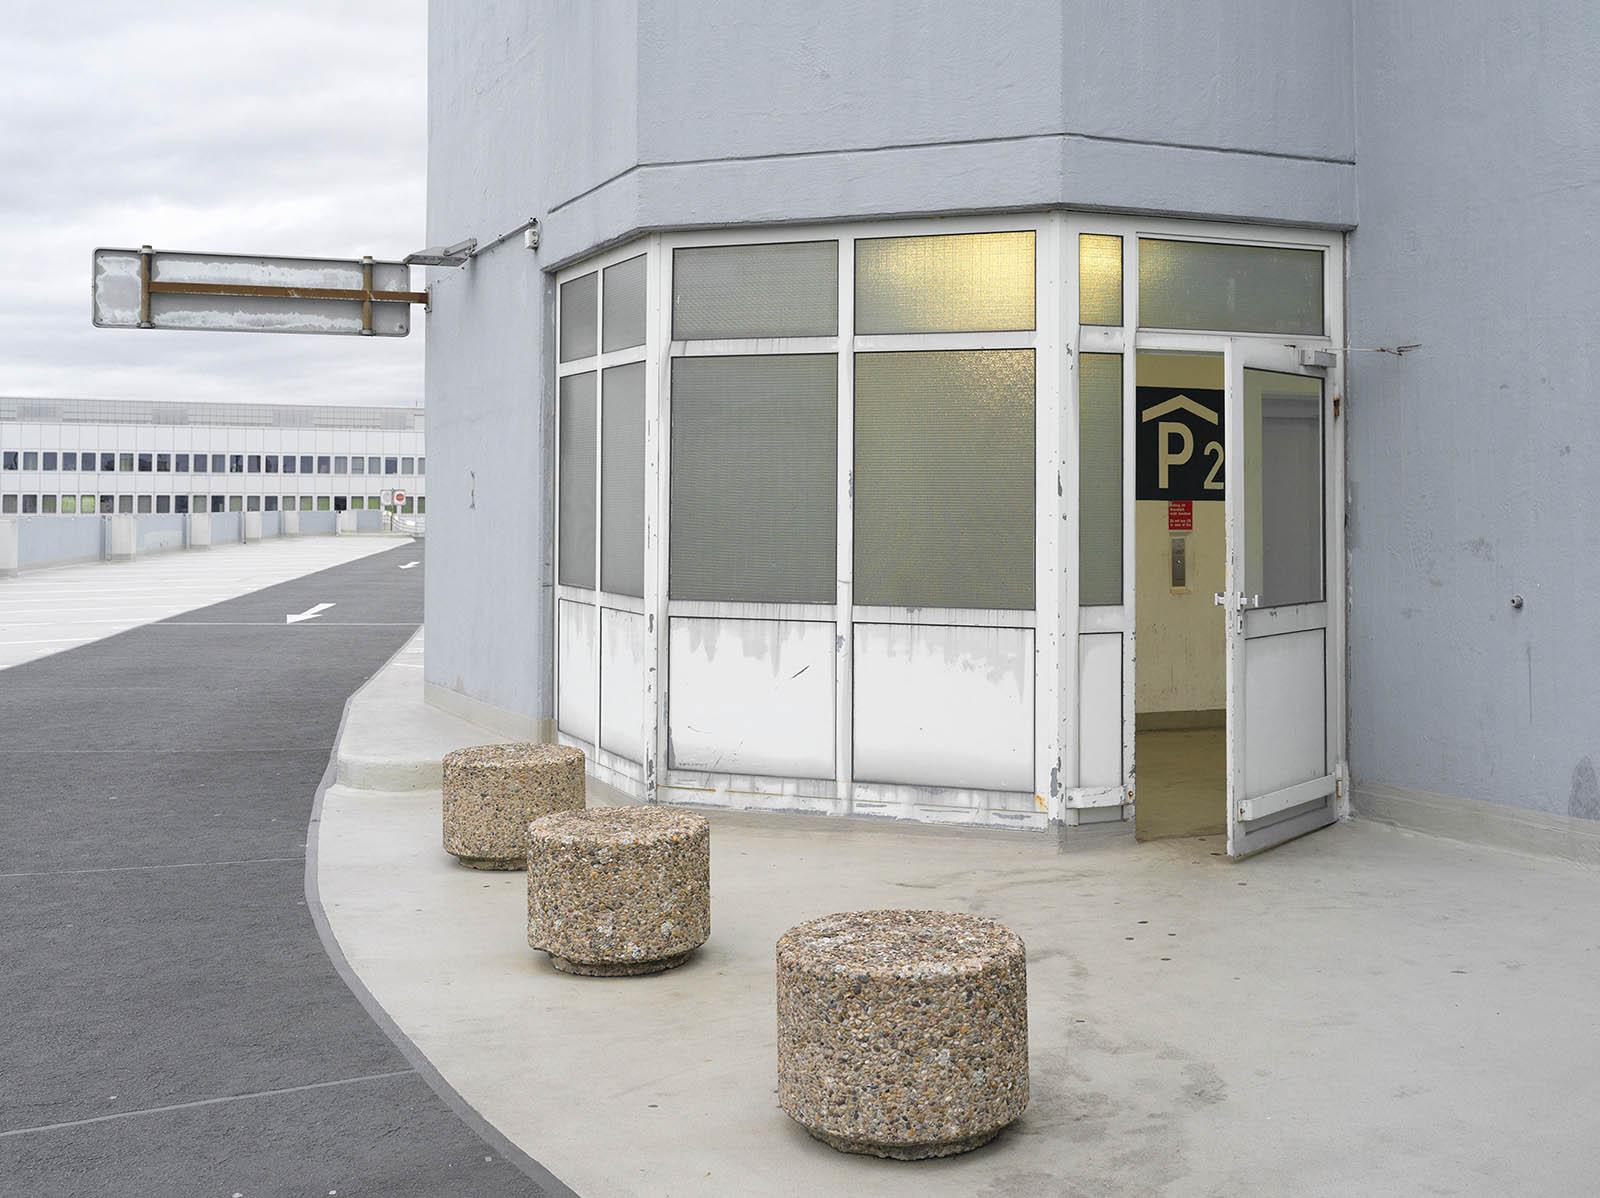 Düsseldorf Parking Garage